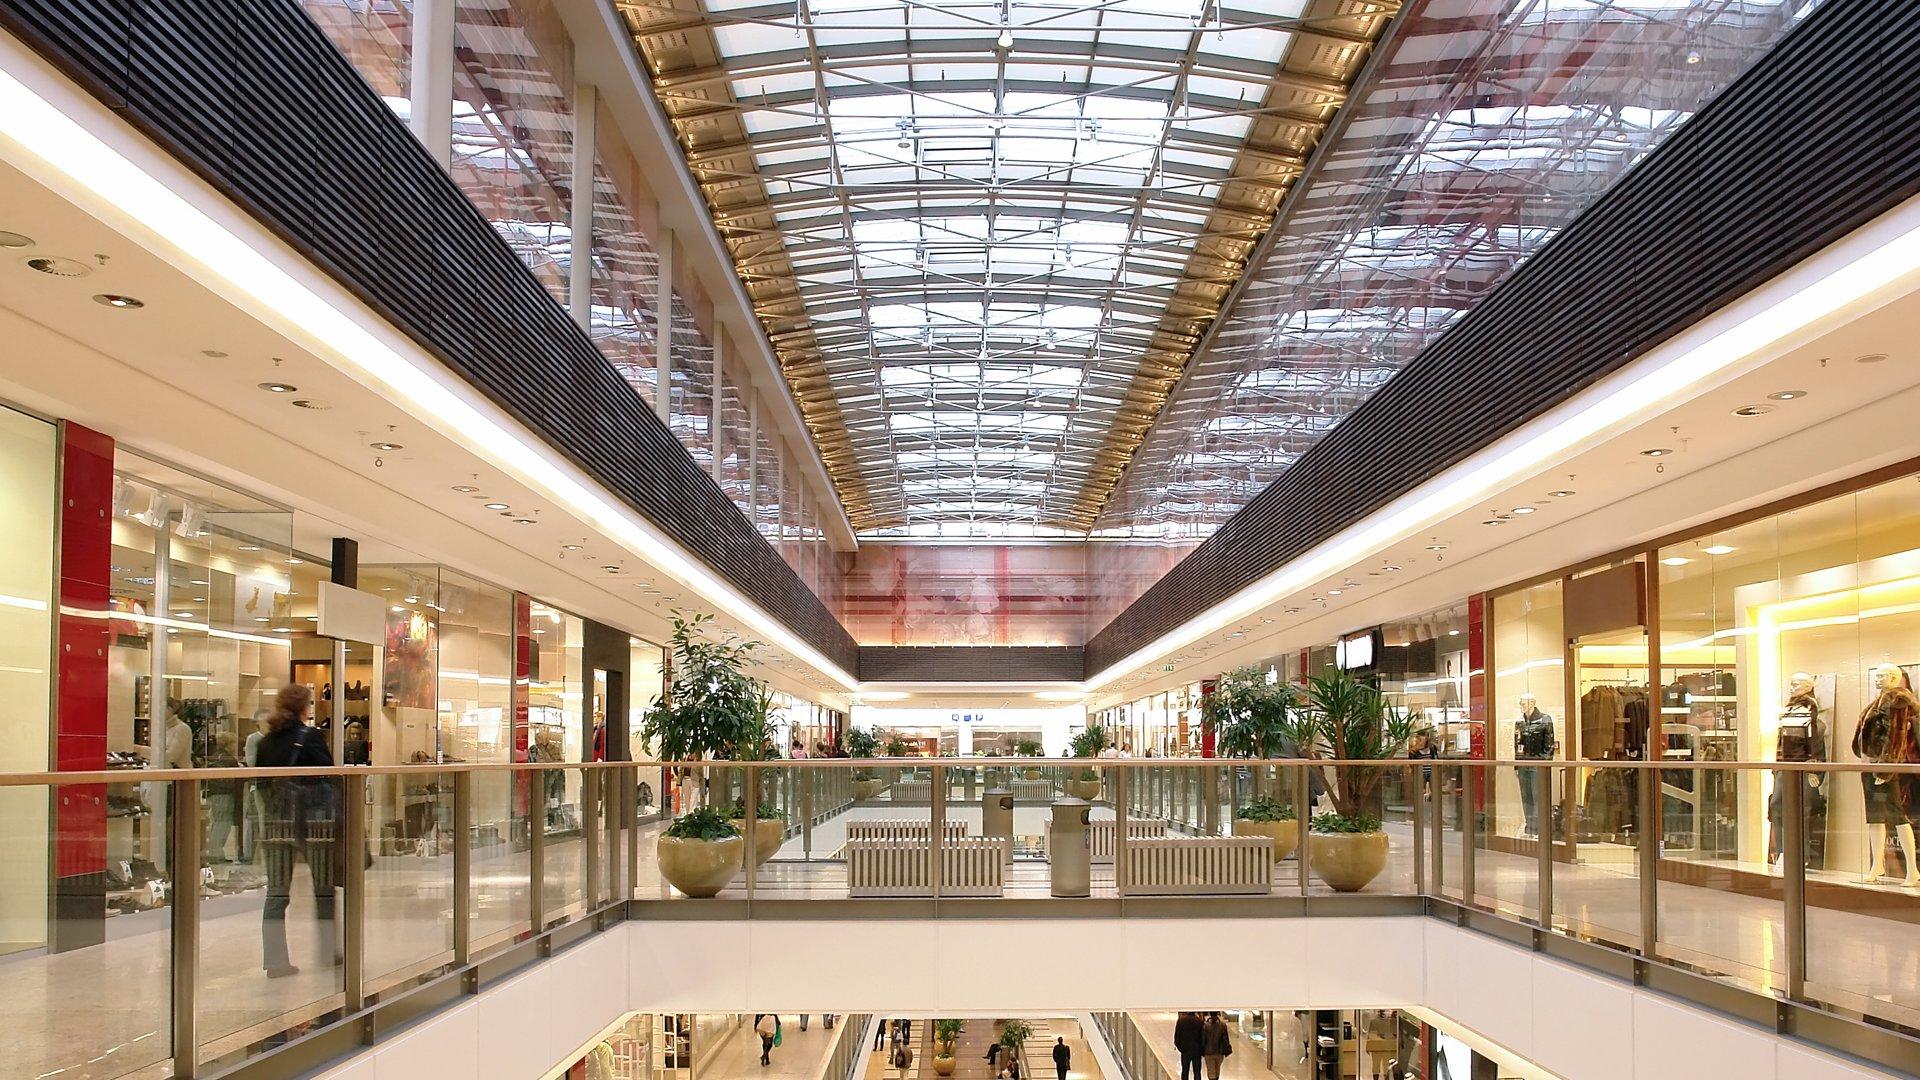 Produkte der Lifa - Die Lichtfabrik - innovative Lichtsysteme GmbH in einem Einkaufszentrum